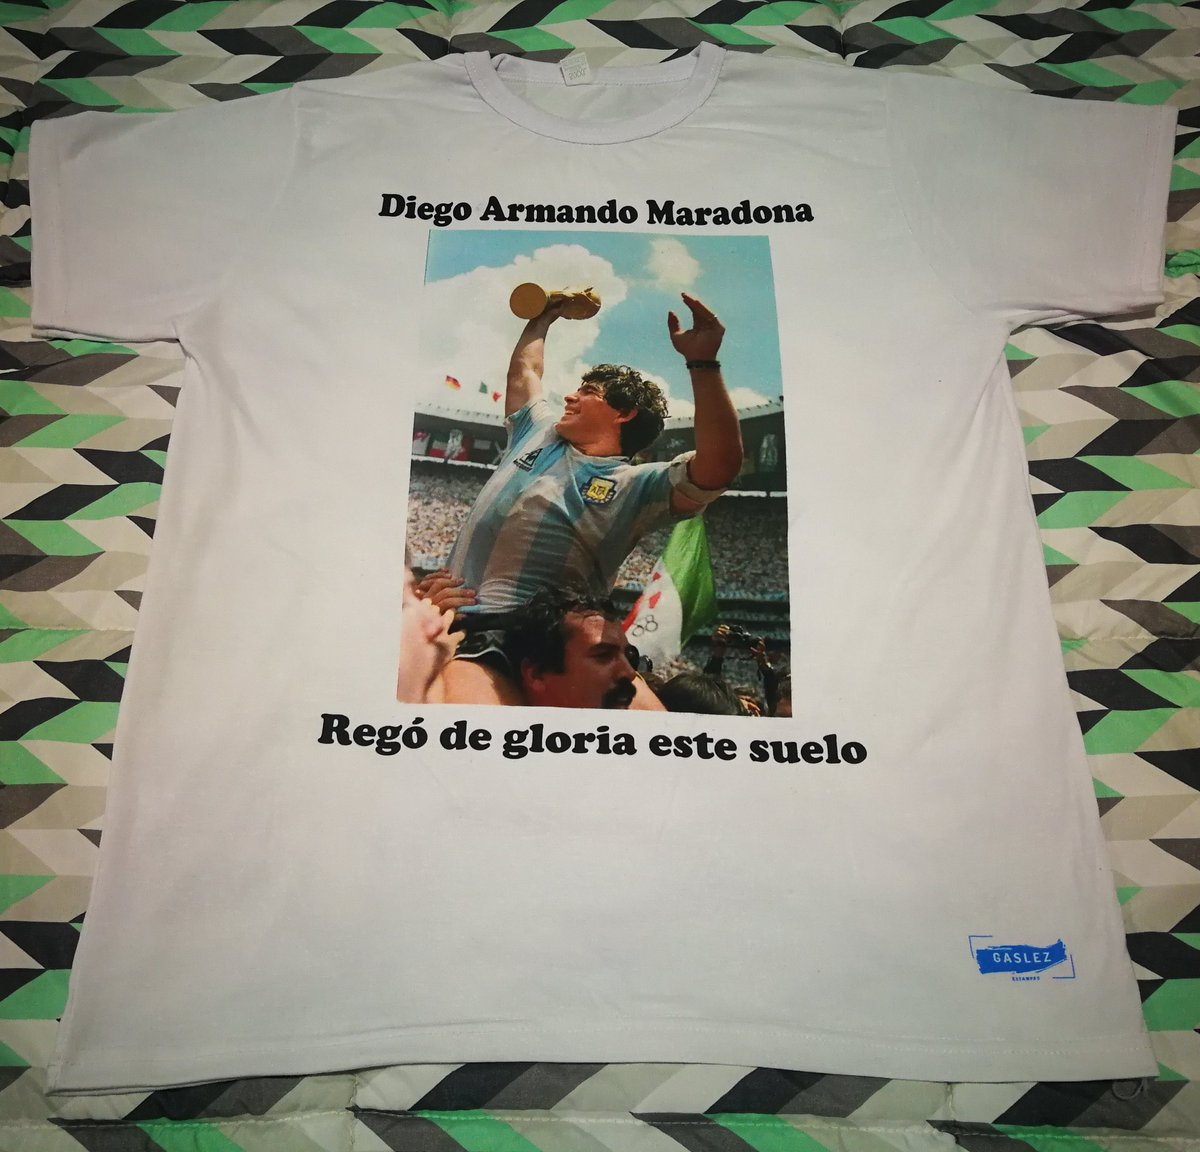 Diego Armando Maradona - Regó de gloria este suelo. . . . #remerasestampadas #diegoarmandomaradona #eldiego #sublimados #estampas #diegomaradona #copadelmundo #argentina #mexico86 #seleccionargentina #diego #maradona https://t.co/z7NoWBdzYB